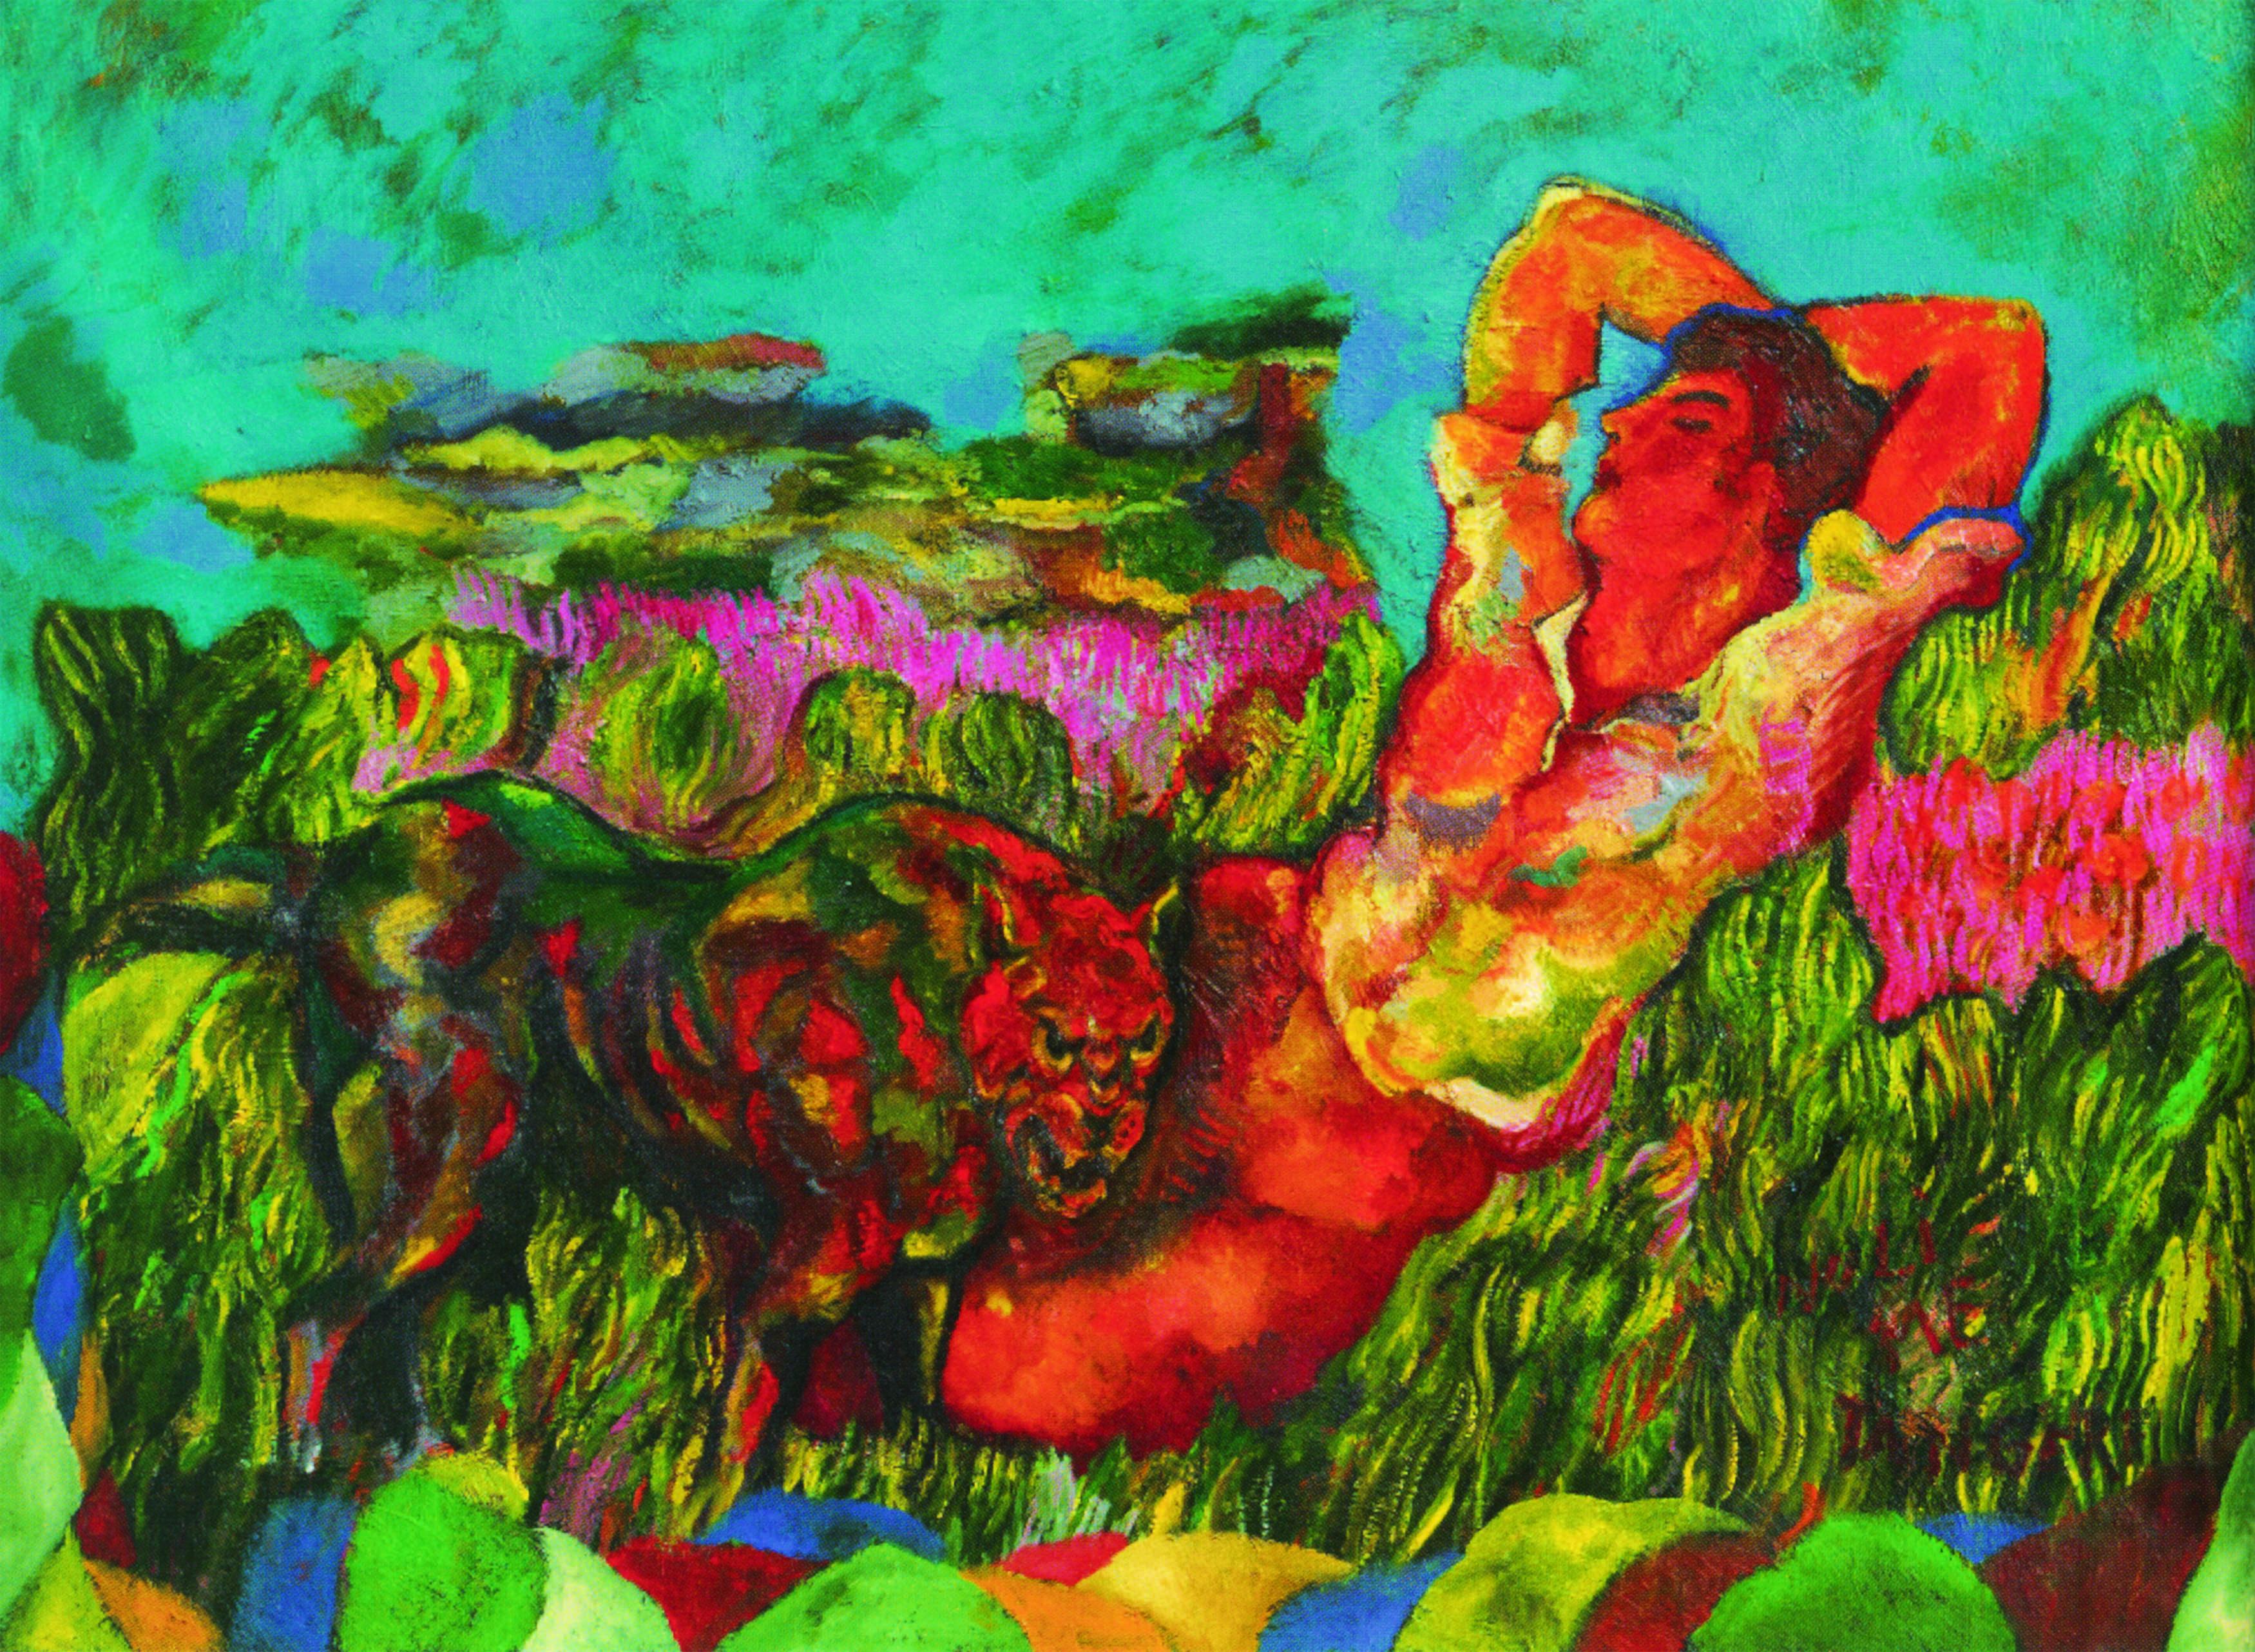 Sandro Chia, Leave the Artist Alone, 1985, Collezione D'Ercole, Roma © Sandro Chia - ProLitteris Zürich / Foto Cosimo Filippini, Lugano